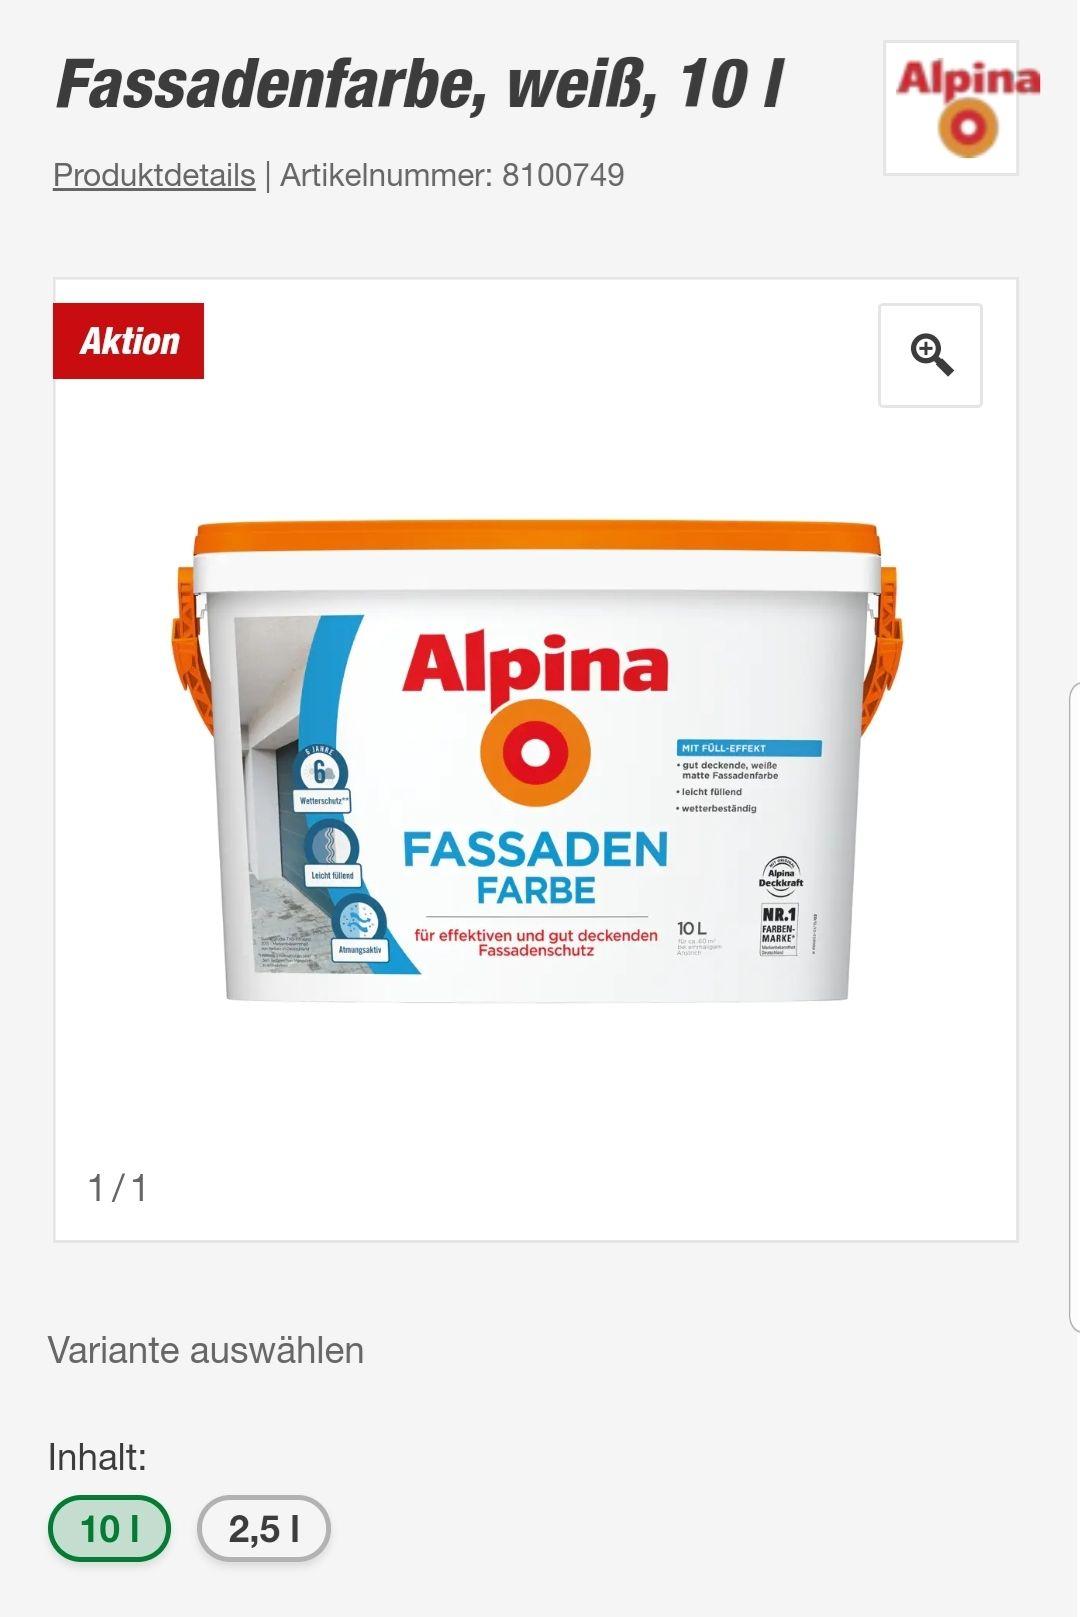 Alpina Fassadenfarbe weiss 10l kaufe 3 bezahle 2